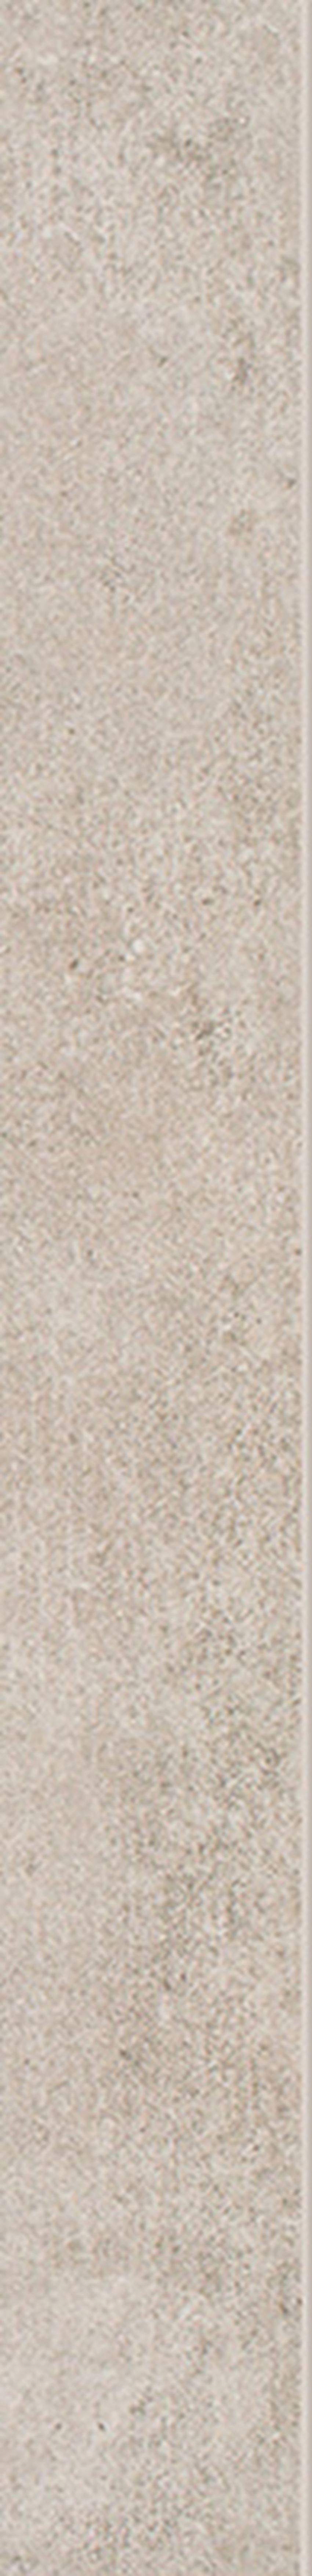 Płytka cokołowa 7,2x59,8 cm  Paradyż Riversand Beige Cokół Półpoler